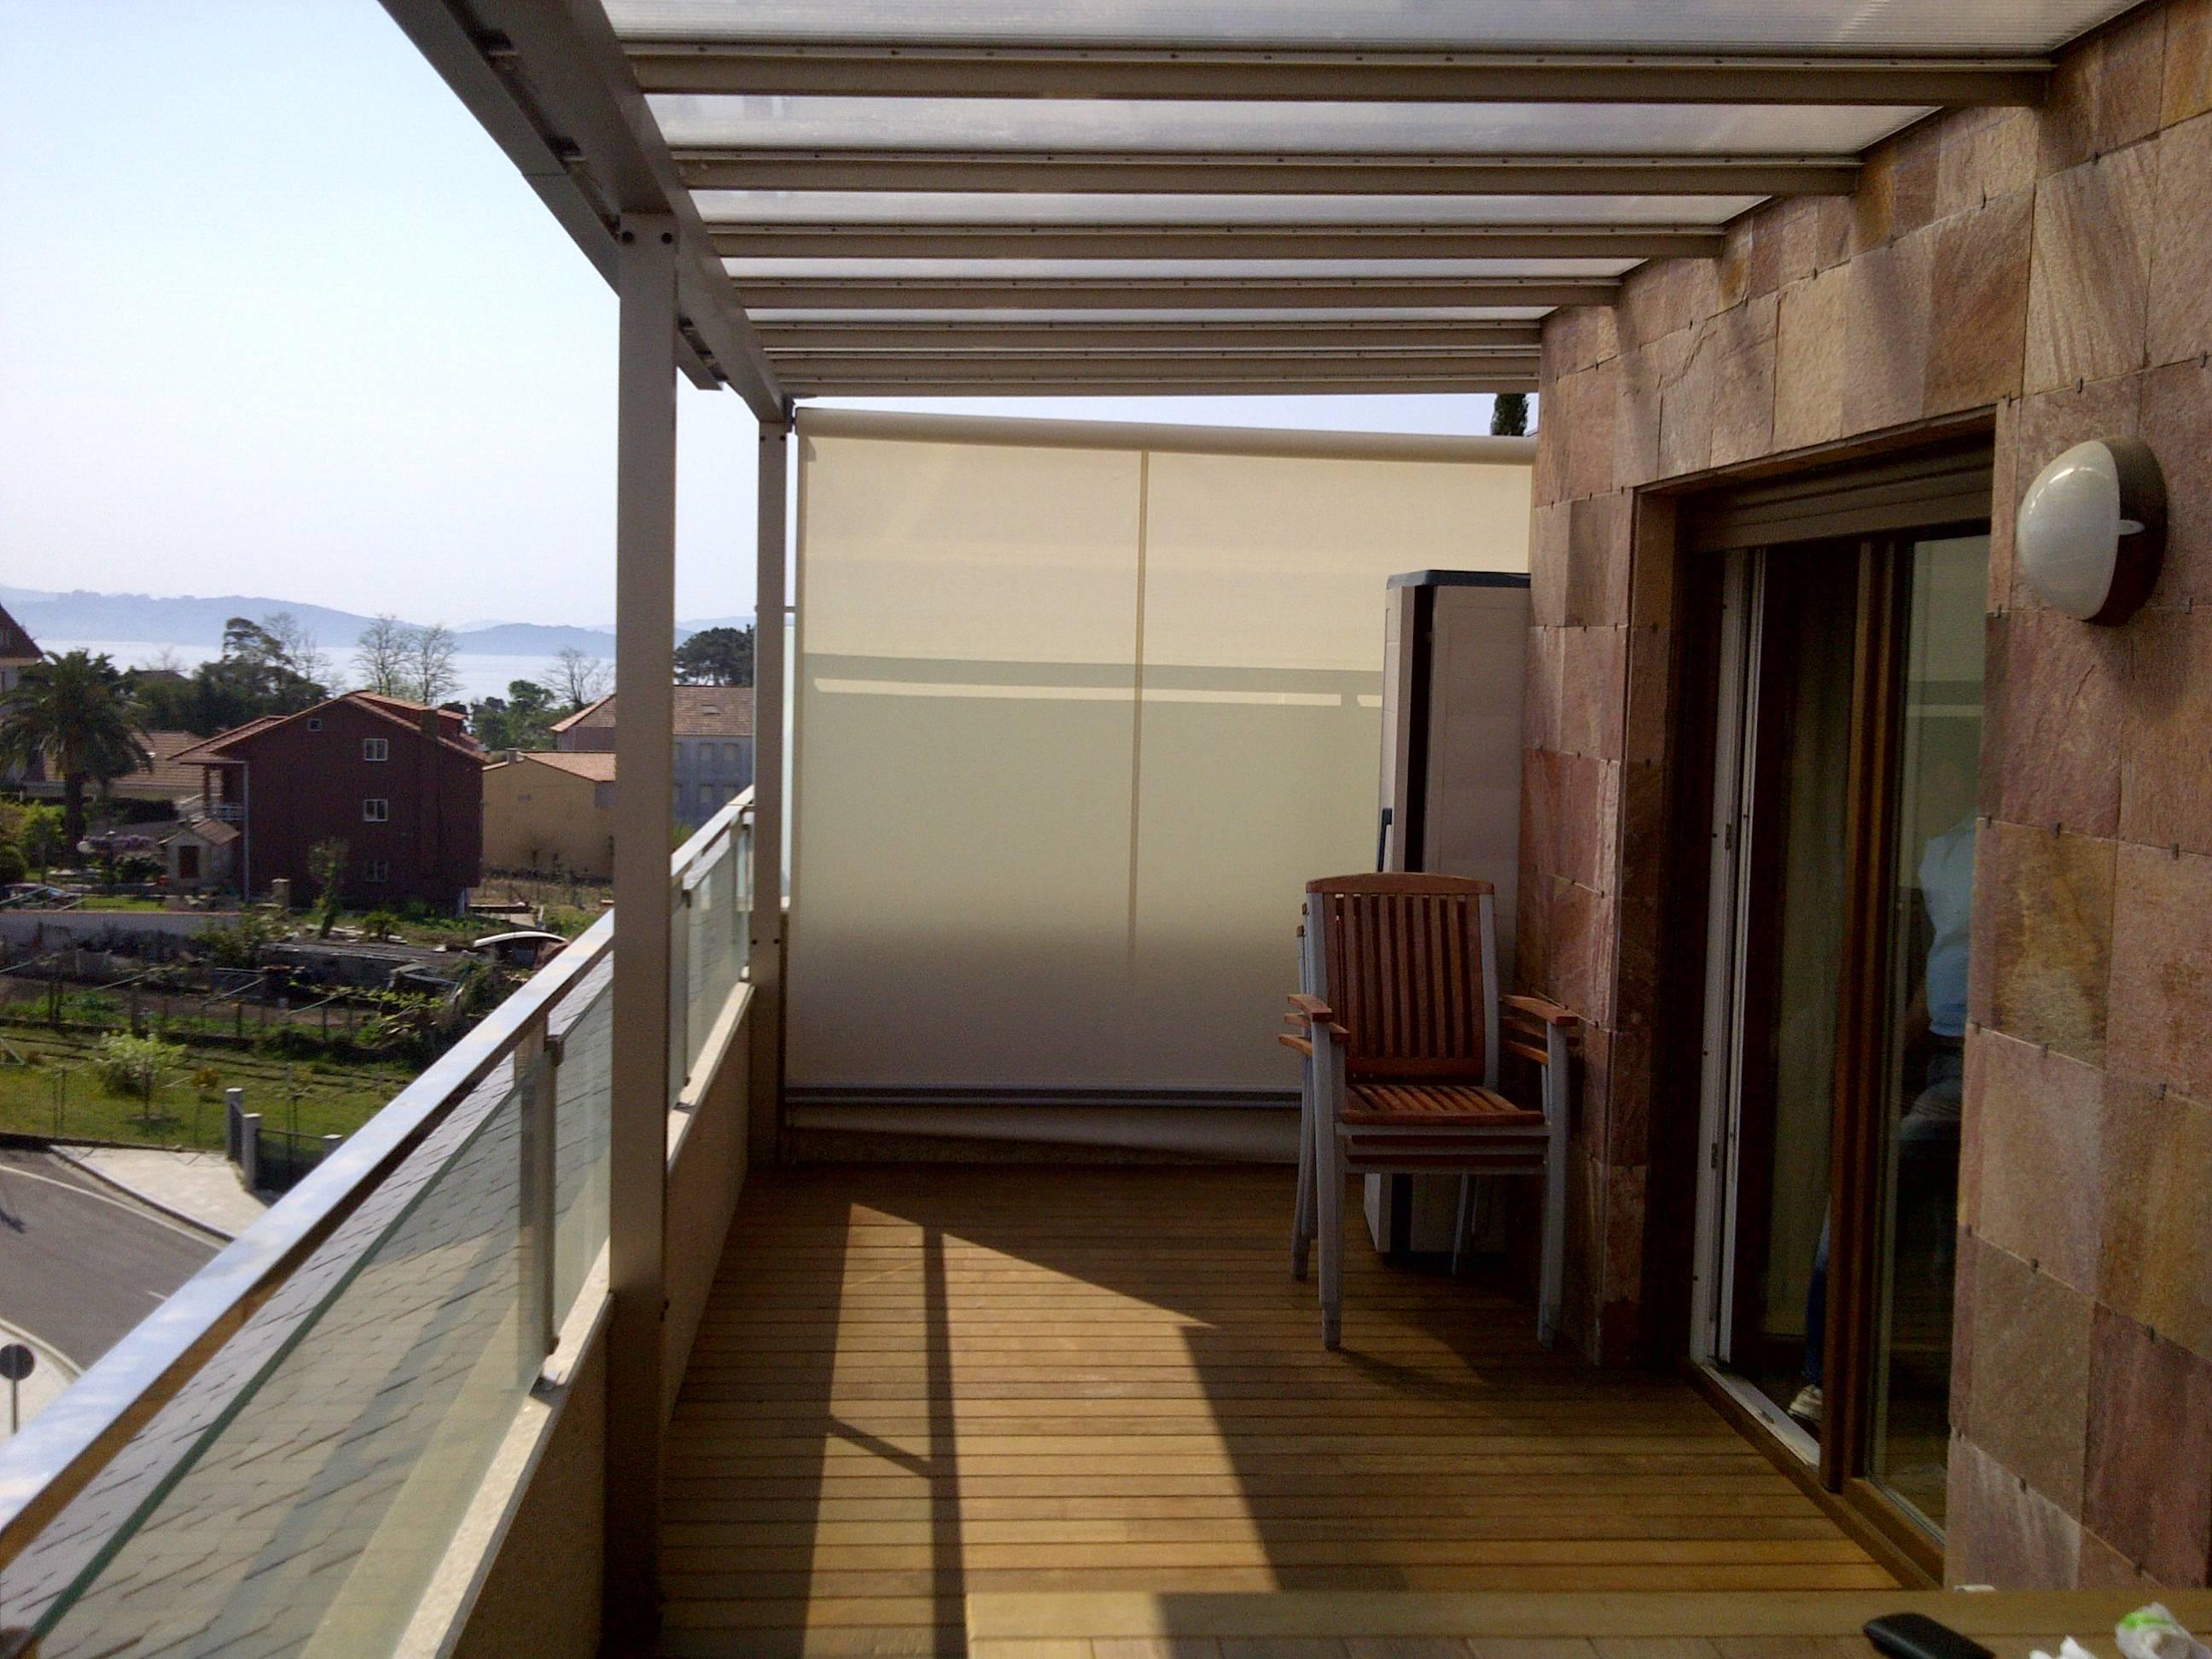 A las puertas del verano blog for Toldo lateral para terraza